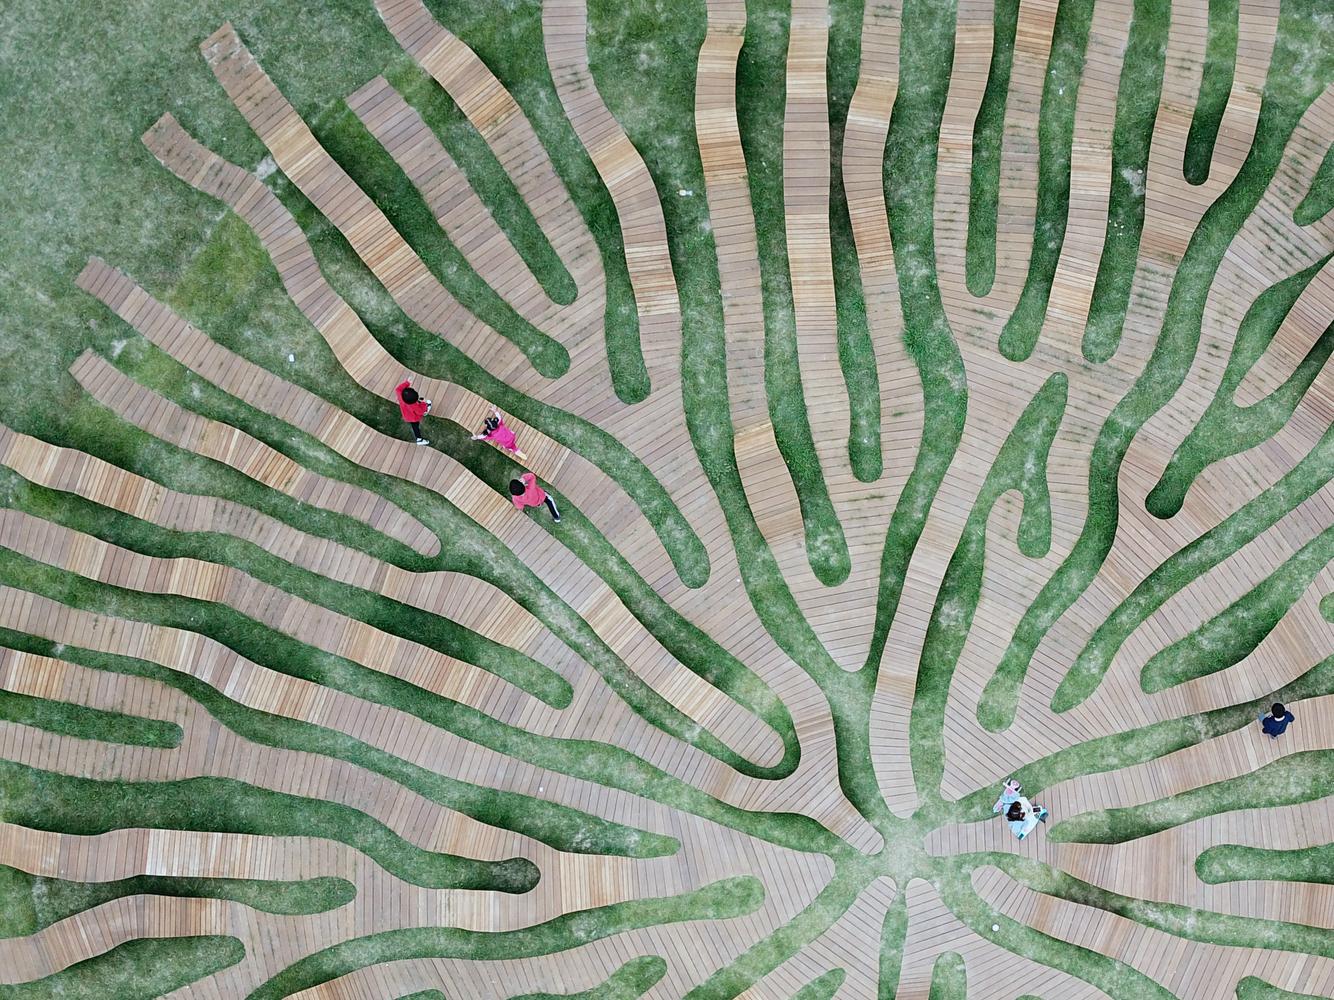 Deck de madera en espacios públicos: Suelos nobles para el encuentro colectivo,Root Bench / Yong Ju Lee Architecture. Image © Yong Ju Lee Architecture